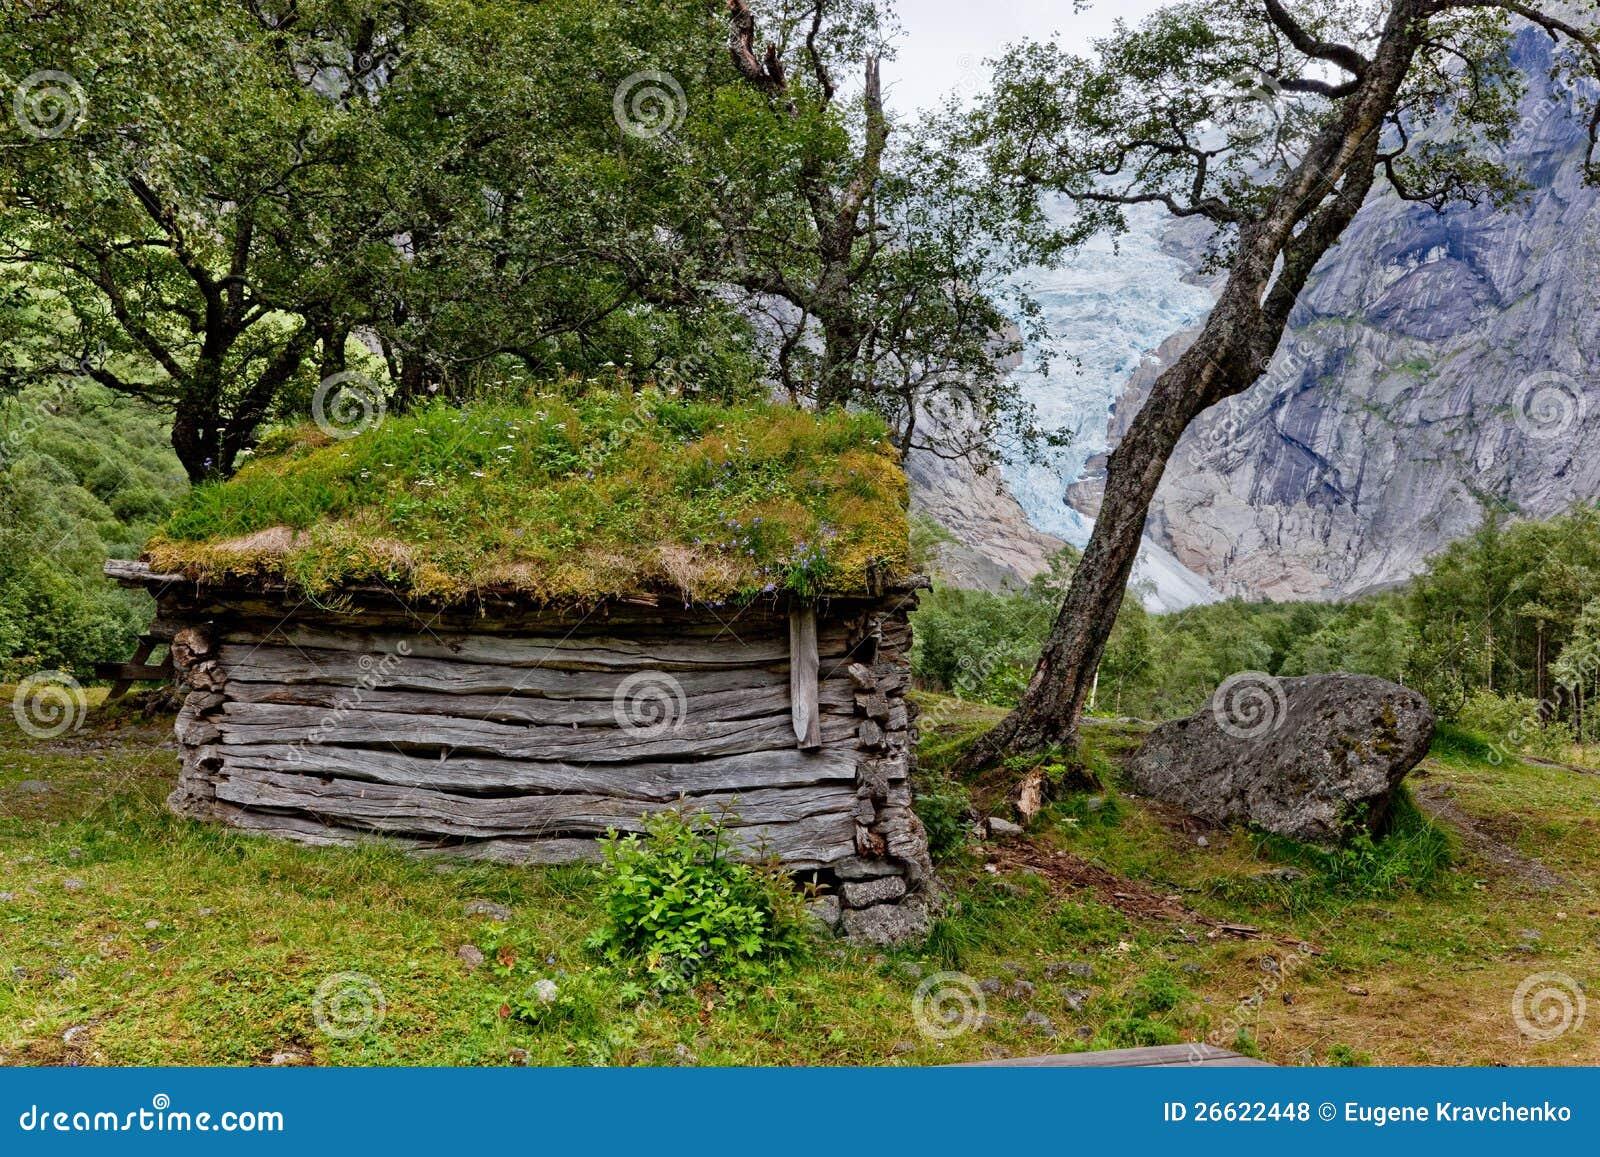 vieille cabane en bois dans la for t photos libres de droits image 26622448. Black Bedroom Furniture Sets. Home Design Ideas